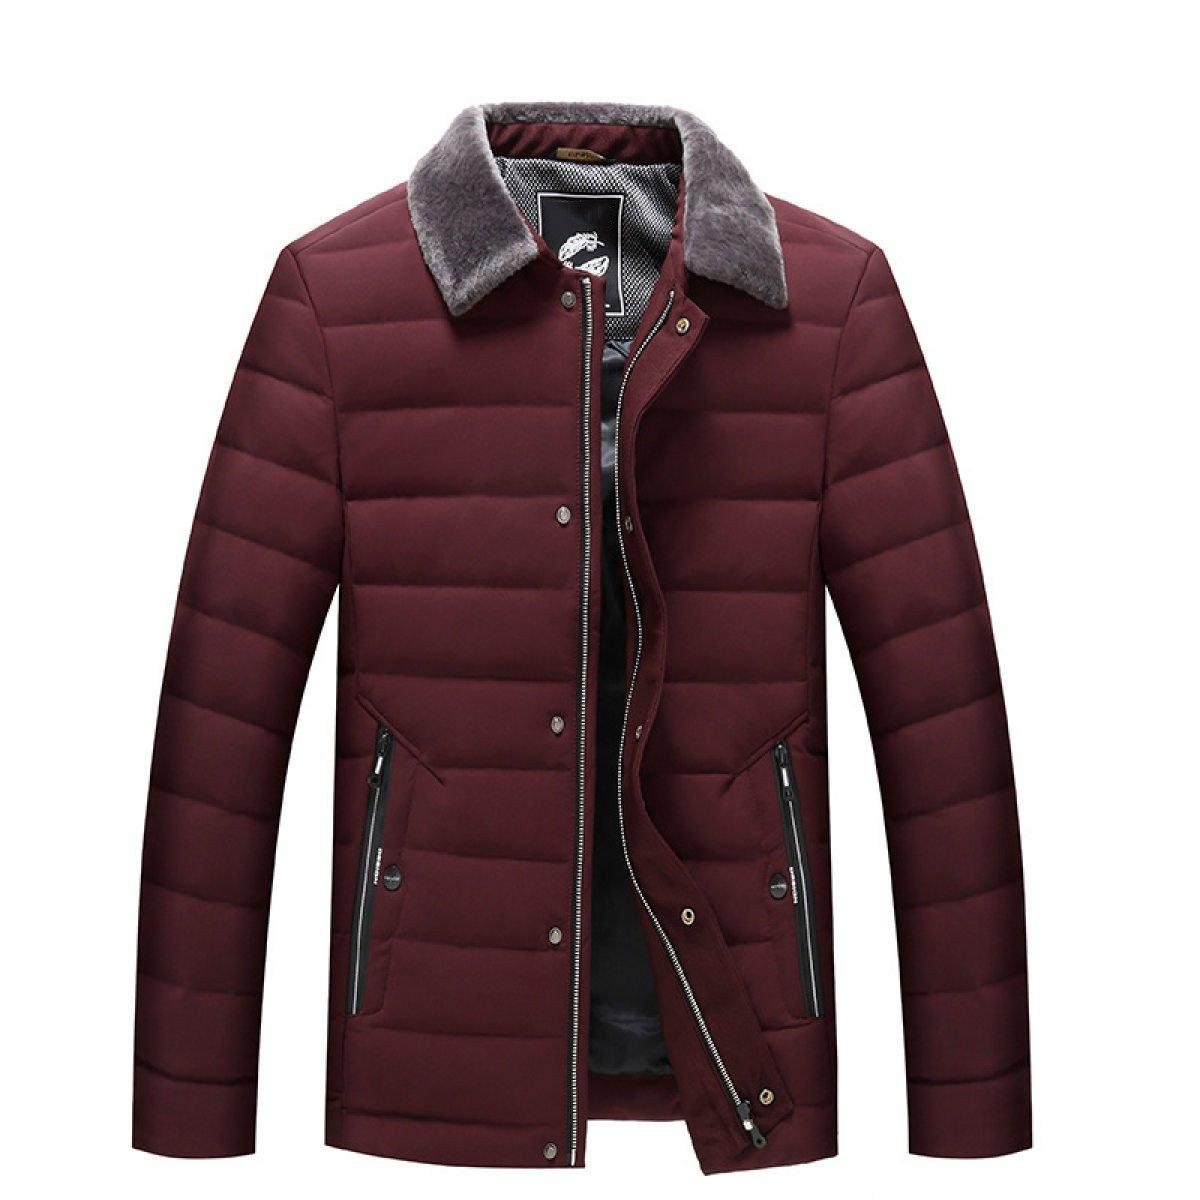 Mode Hommes Augmentation Doudoune Hiver Auto-Culture Chaud Plus La Taille épaississement Veste rouge L